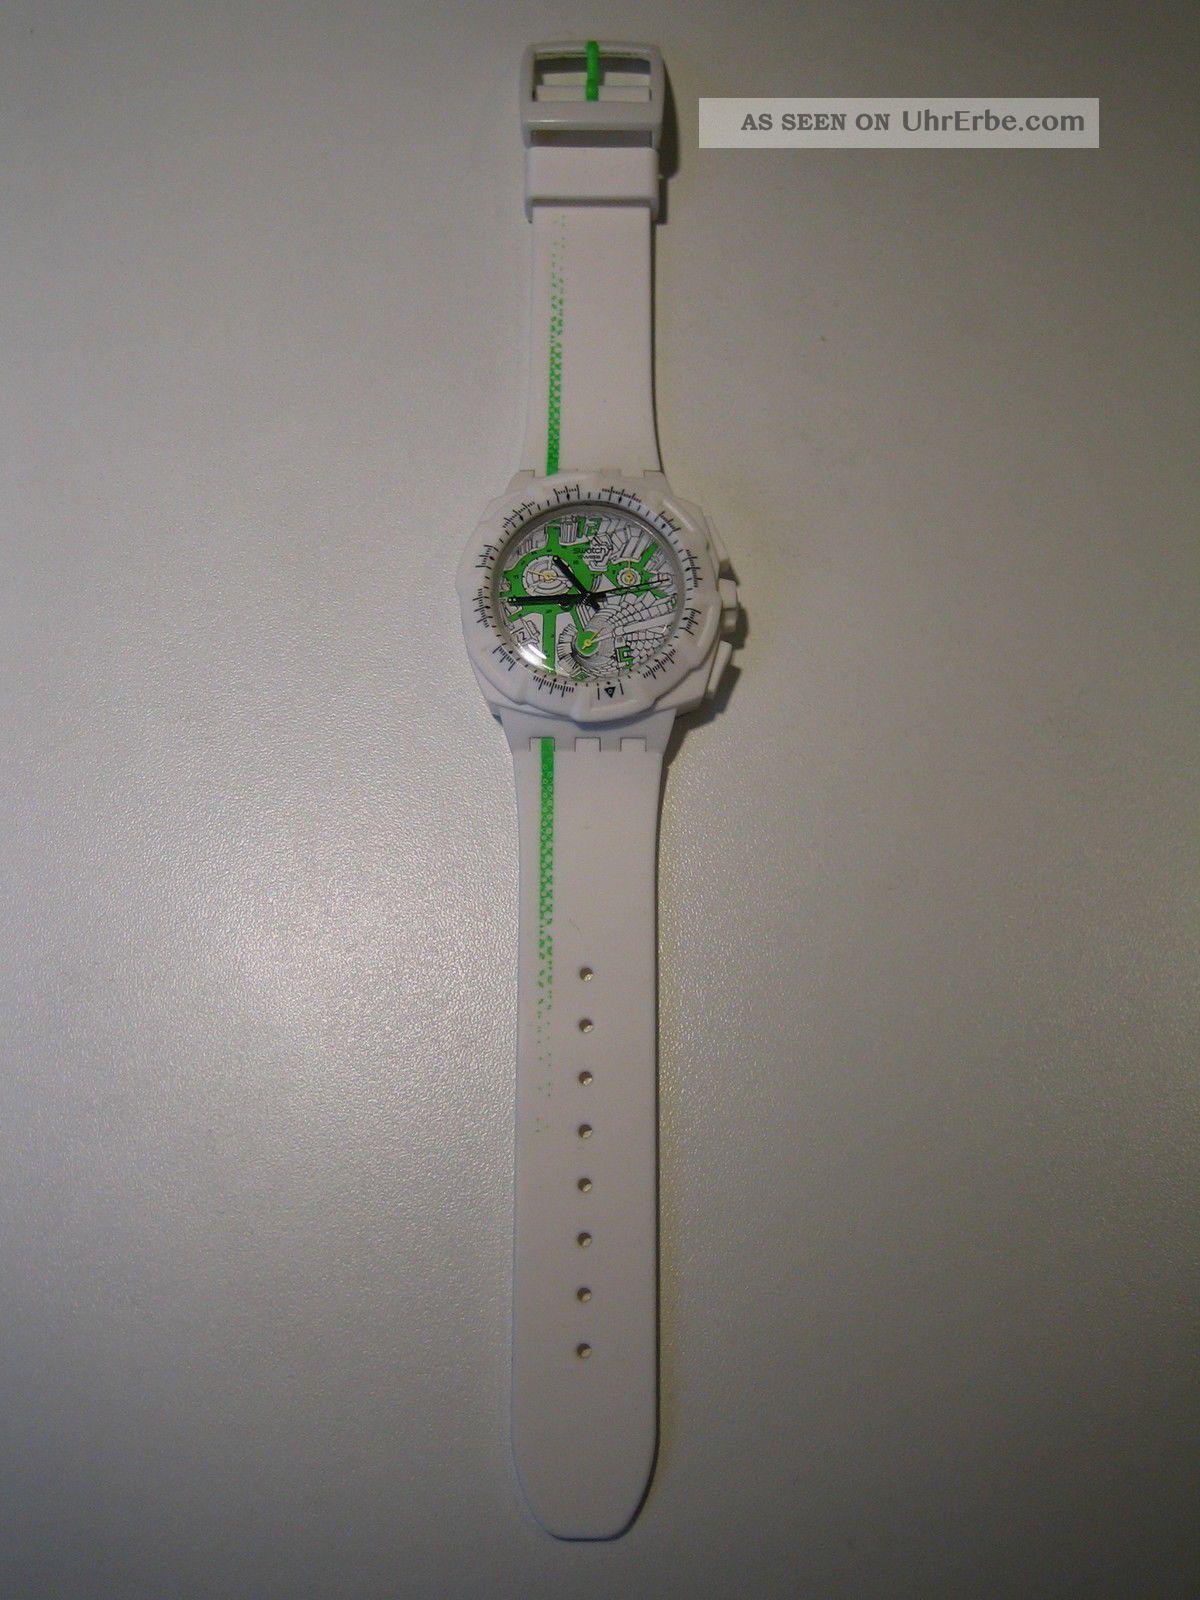 Swatch Herren & Damen Uhr 43mm Weiß Kautschuk Armband Plastik GehÄuse Top Armbanduhren Bild